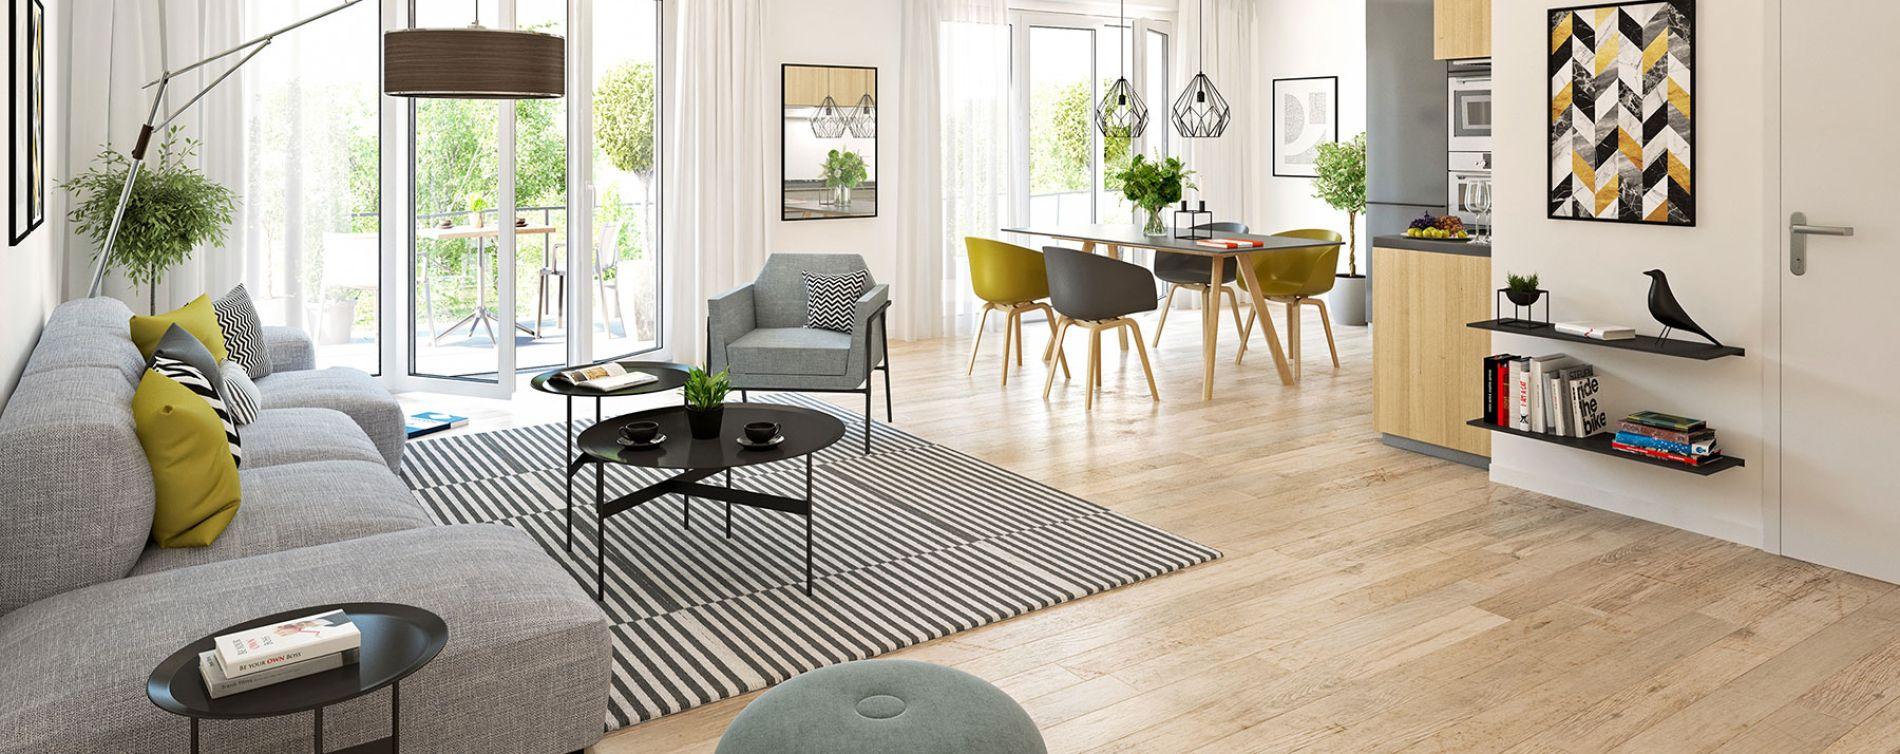 Ségny : programme immobilier neuve « Le Clos Journans » (2)